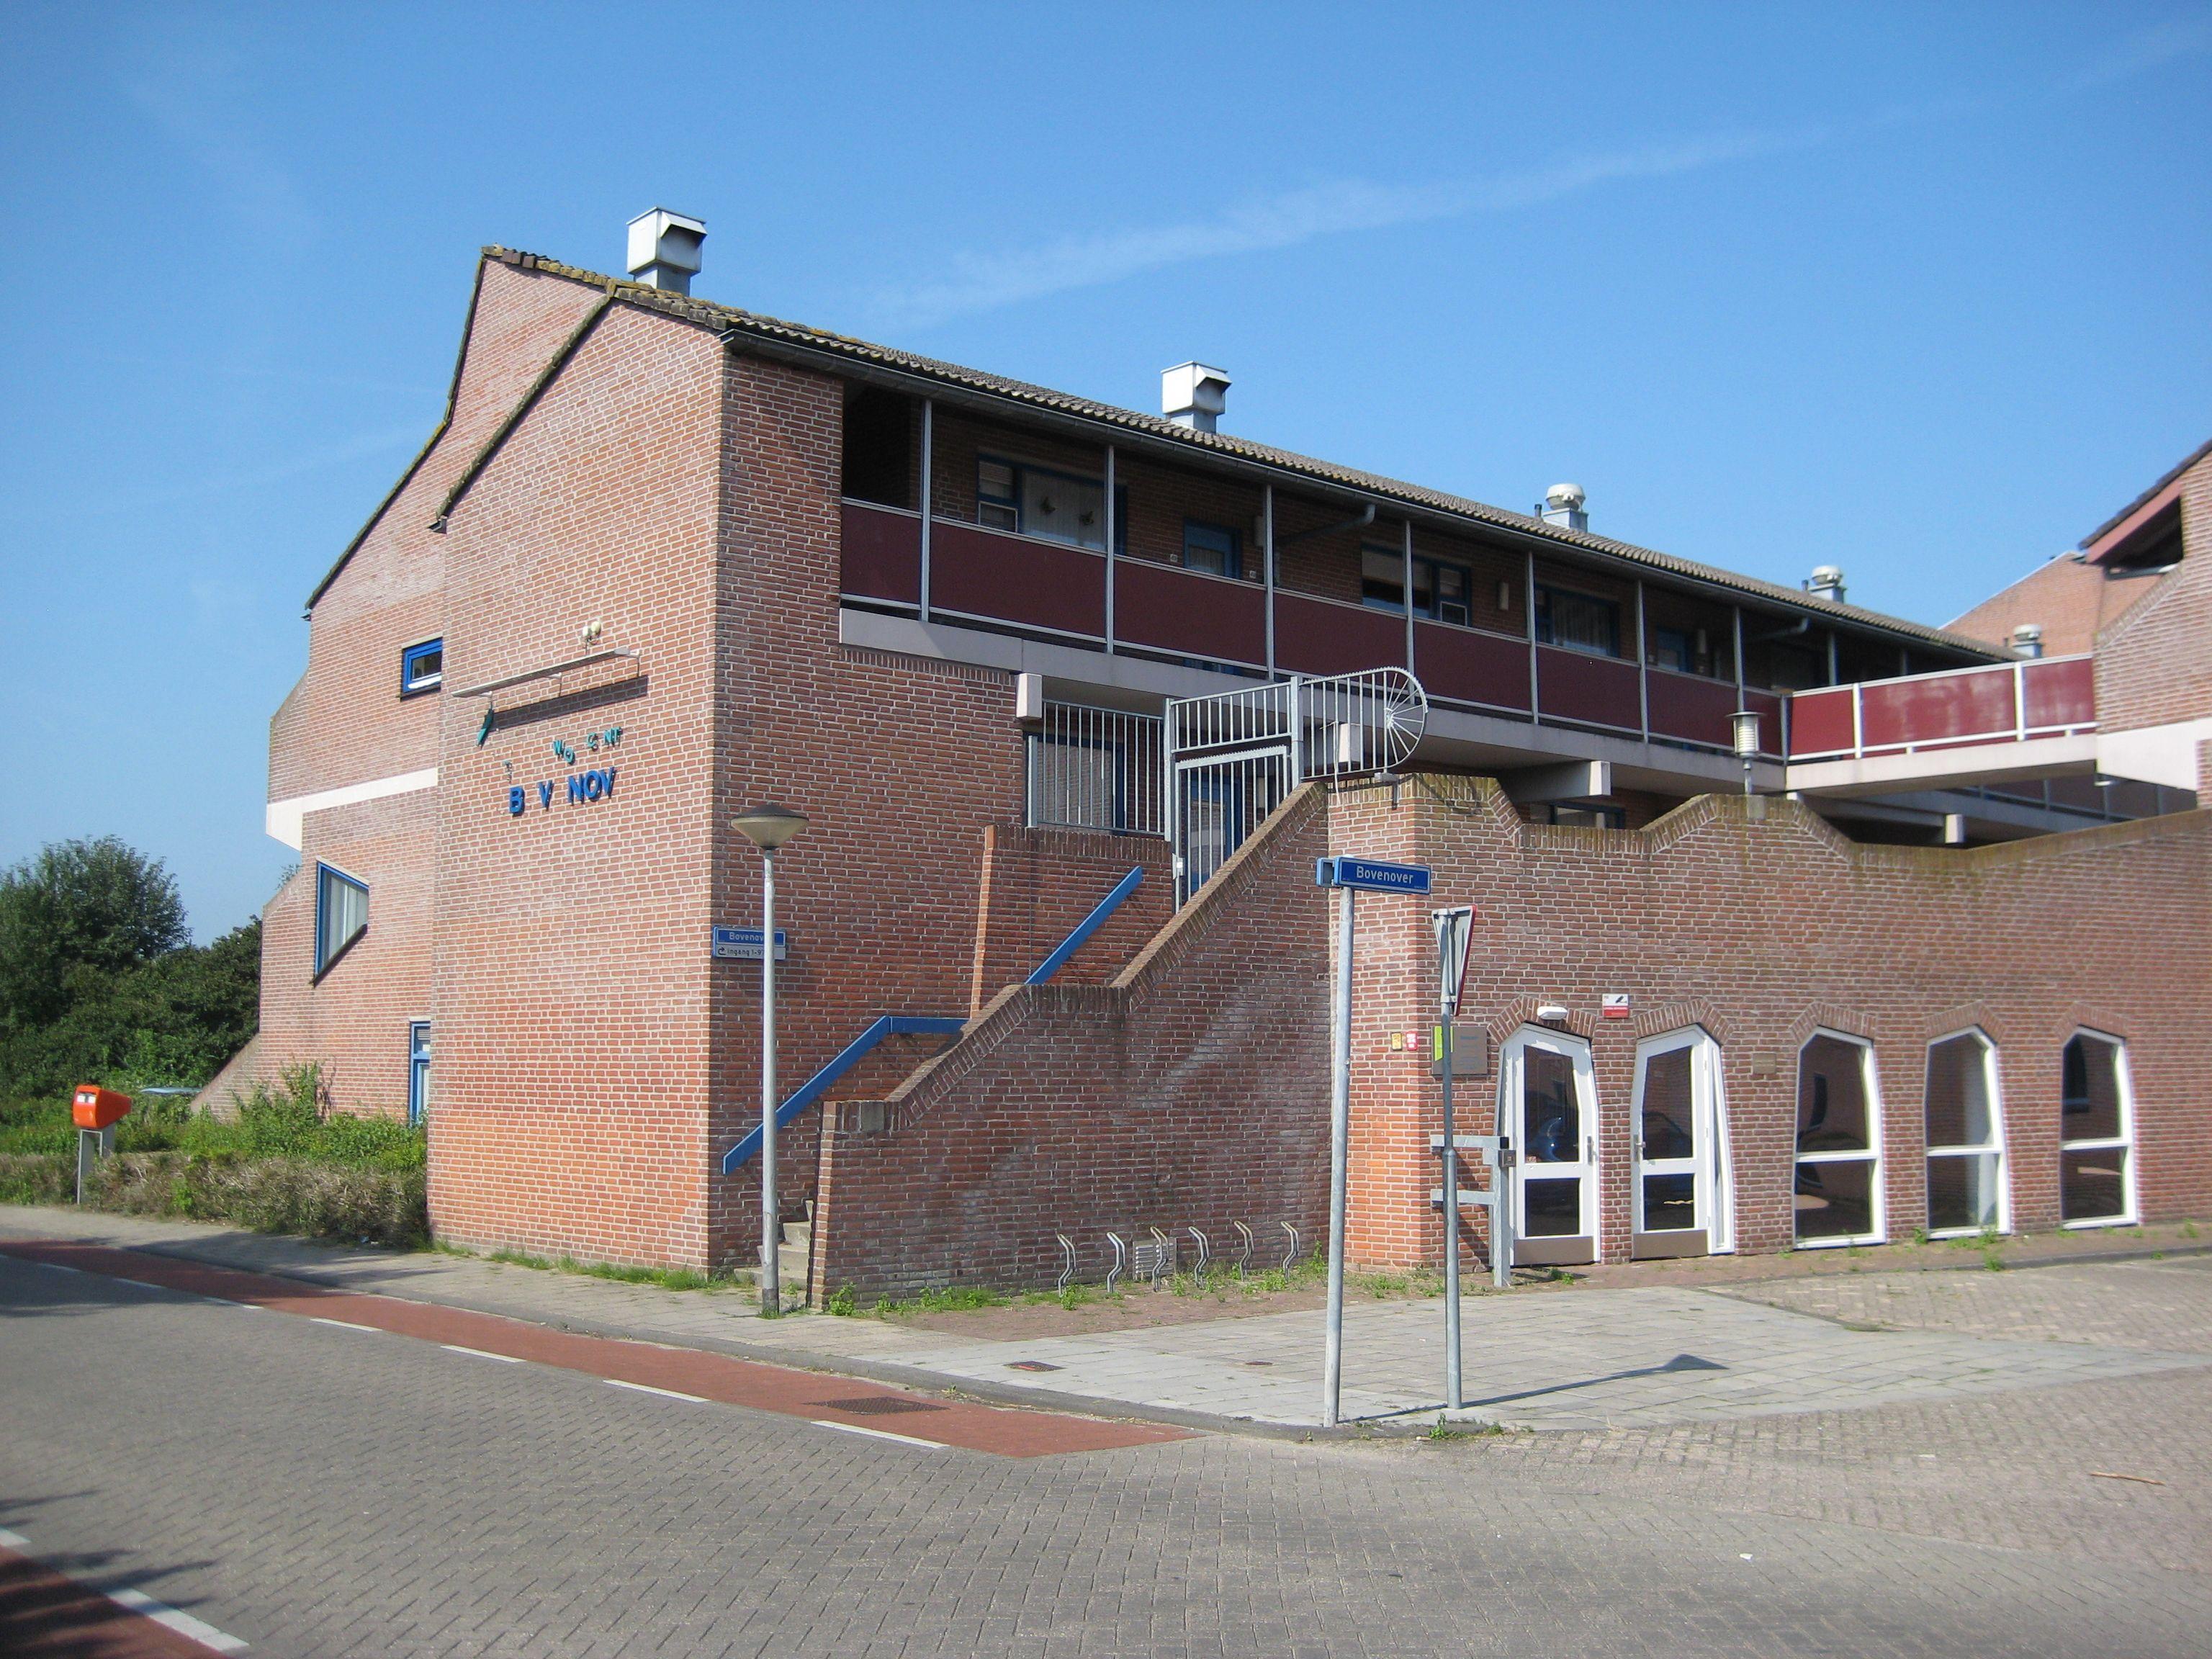 Bovenover Renovatie | Lelystad | Beheer en Onderhoud | Plegt-Vos | Na ruim dertig jaar is het seniorencomplex 'Bovenover' gerevitaliseerd. Dit opvallende organische gebouw is in 1980 gebouwd en bestaat uit 96 huurappartementen. Op 14 juli 2014 werd het gerevitaliseerde wooncomplex feestelijk geopend.